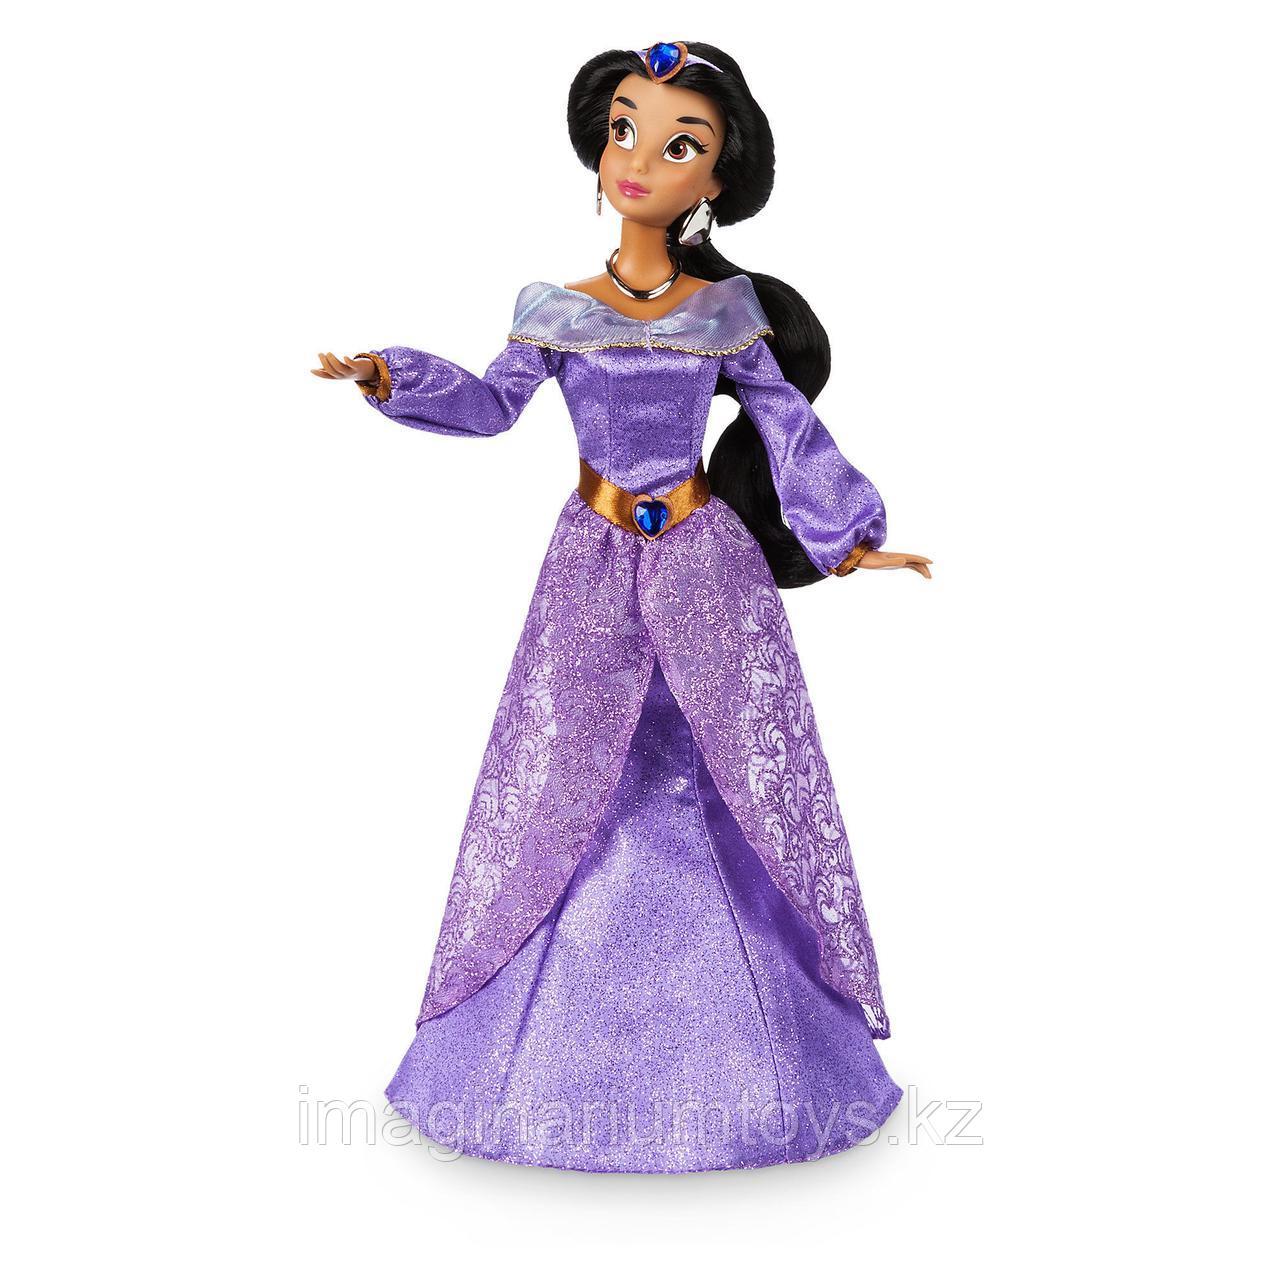 Поющая Кукла Жасмин из м/ф «Алладин» Disney